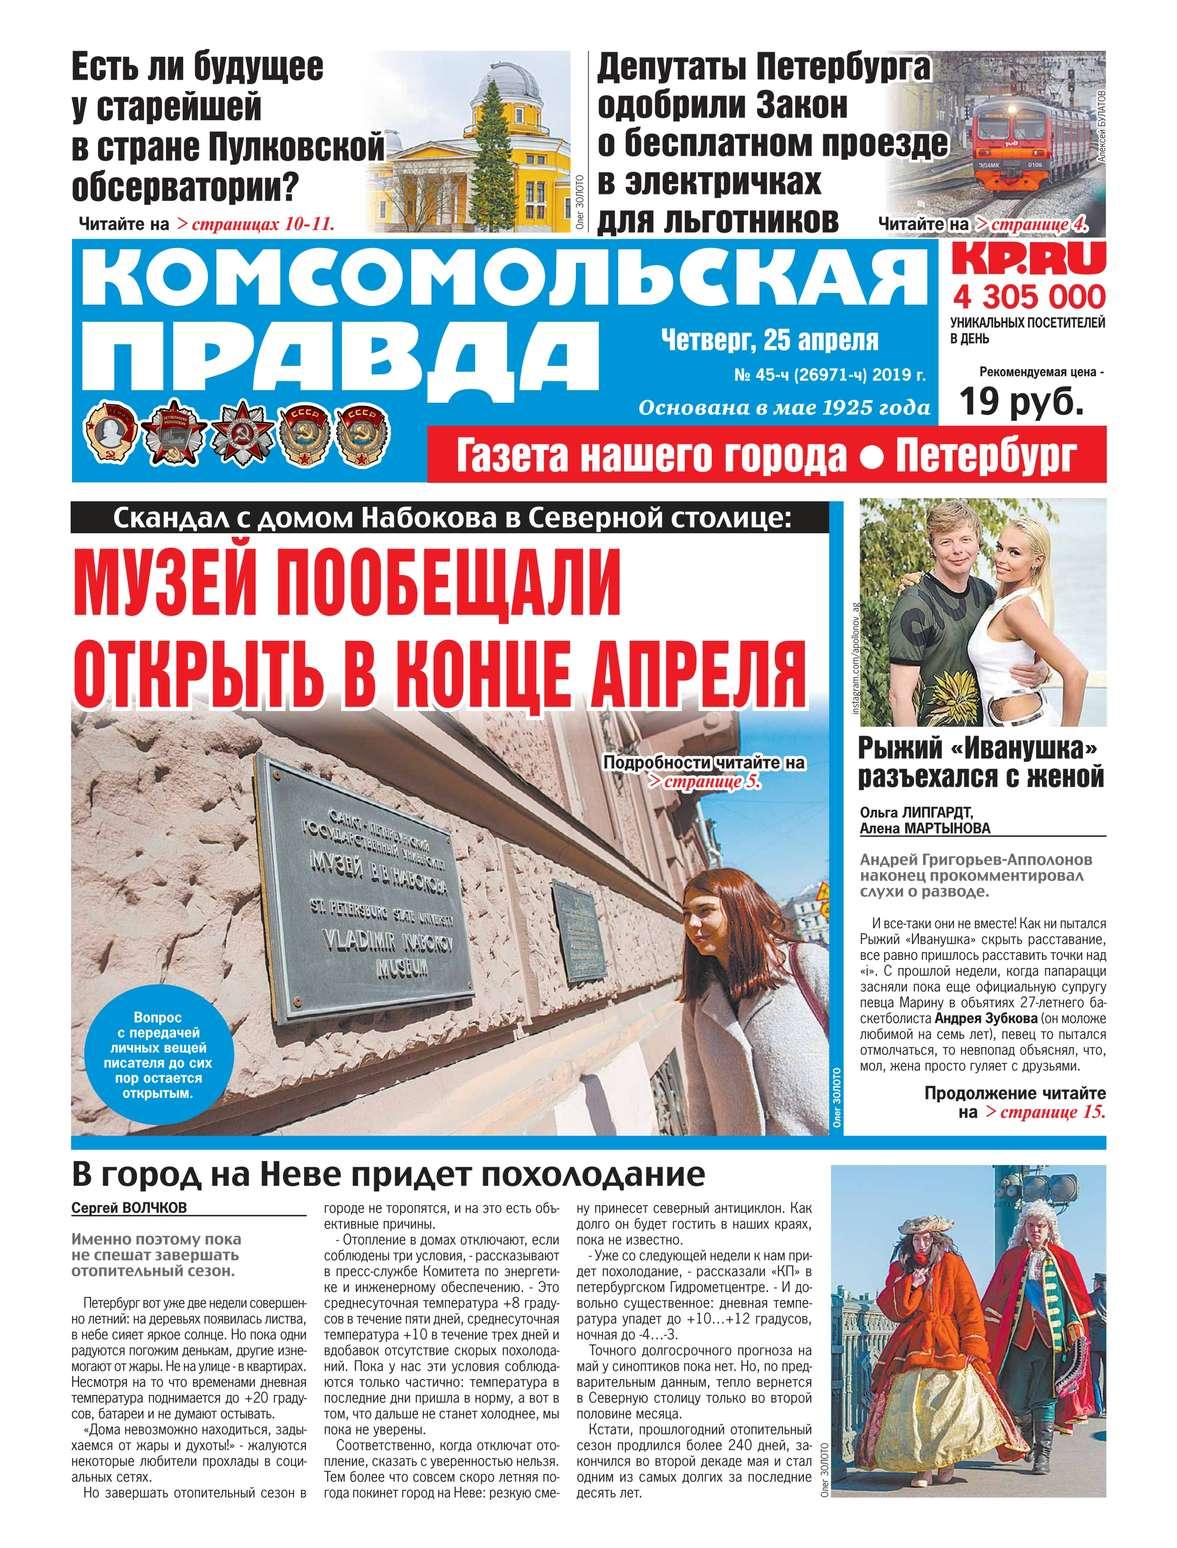 Комсомольская Правда. Санкт-Петербург 45ч-2019